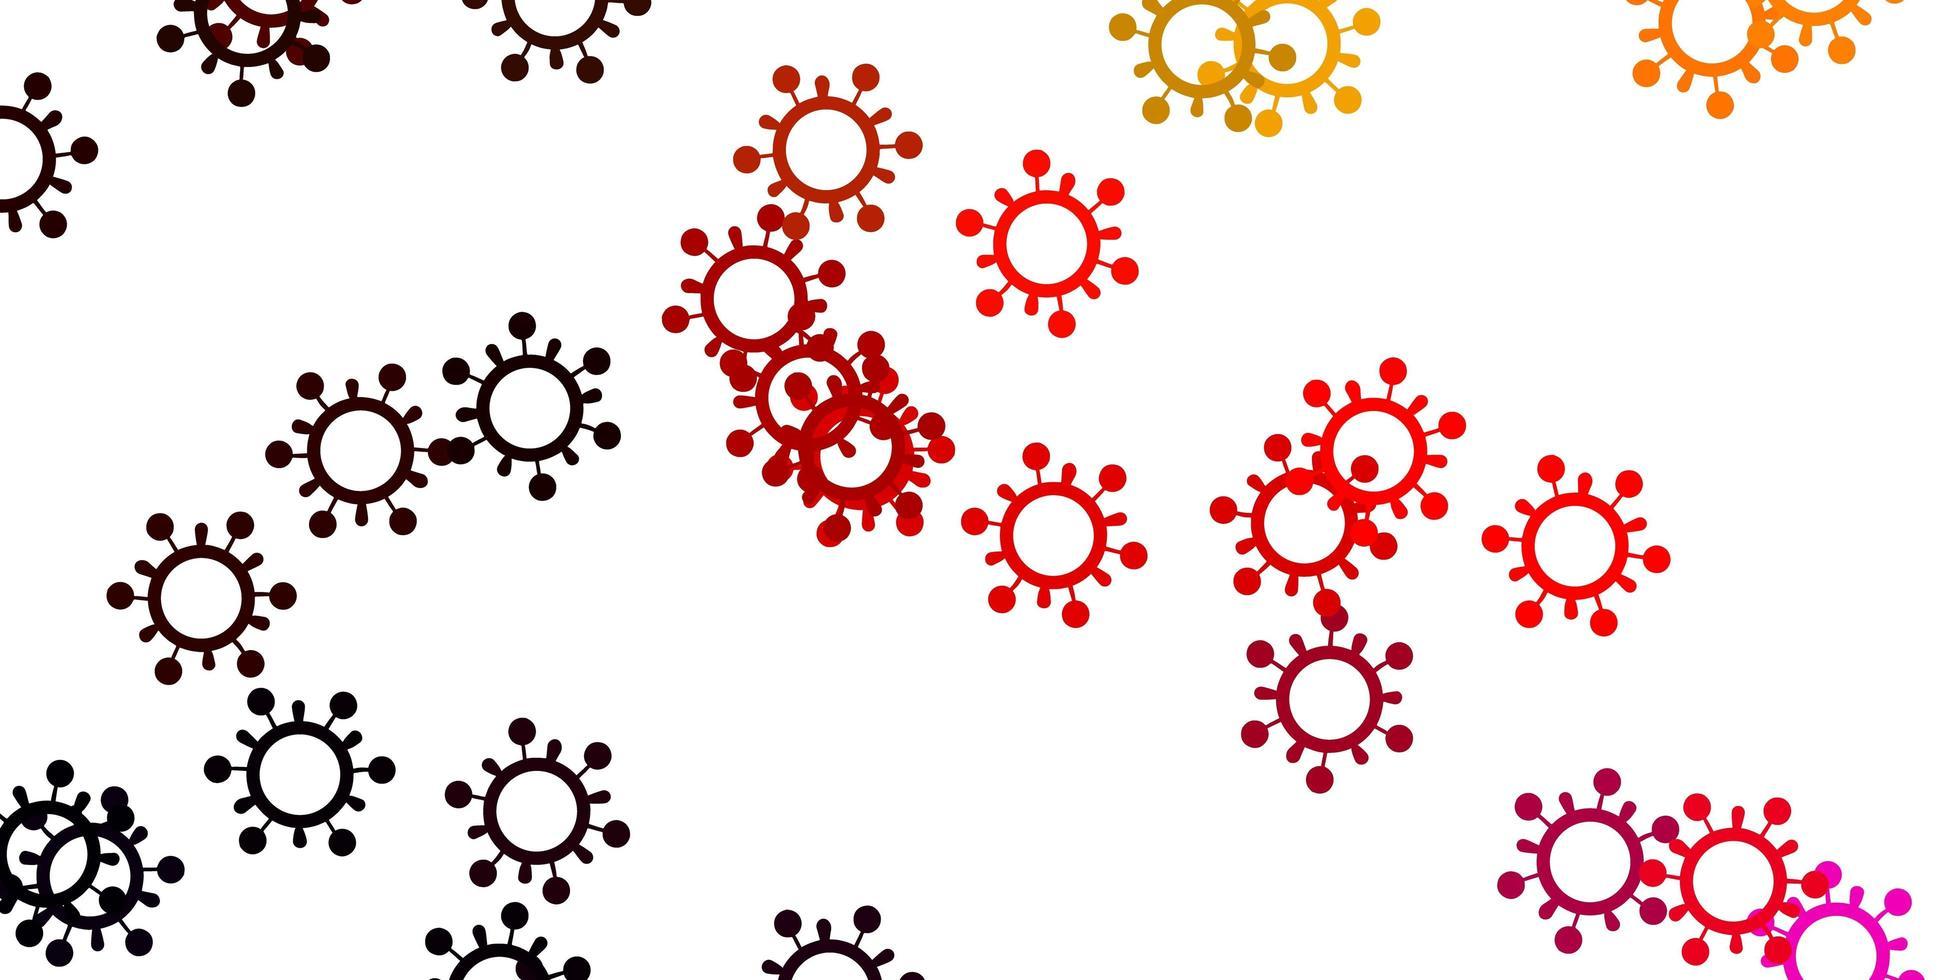 Fondo de vector rosa claro, amarillo con símbolos de virus